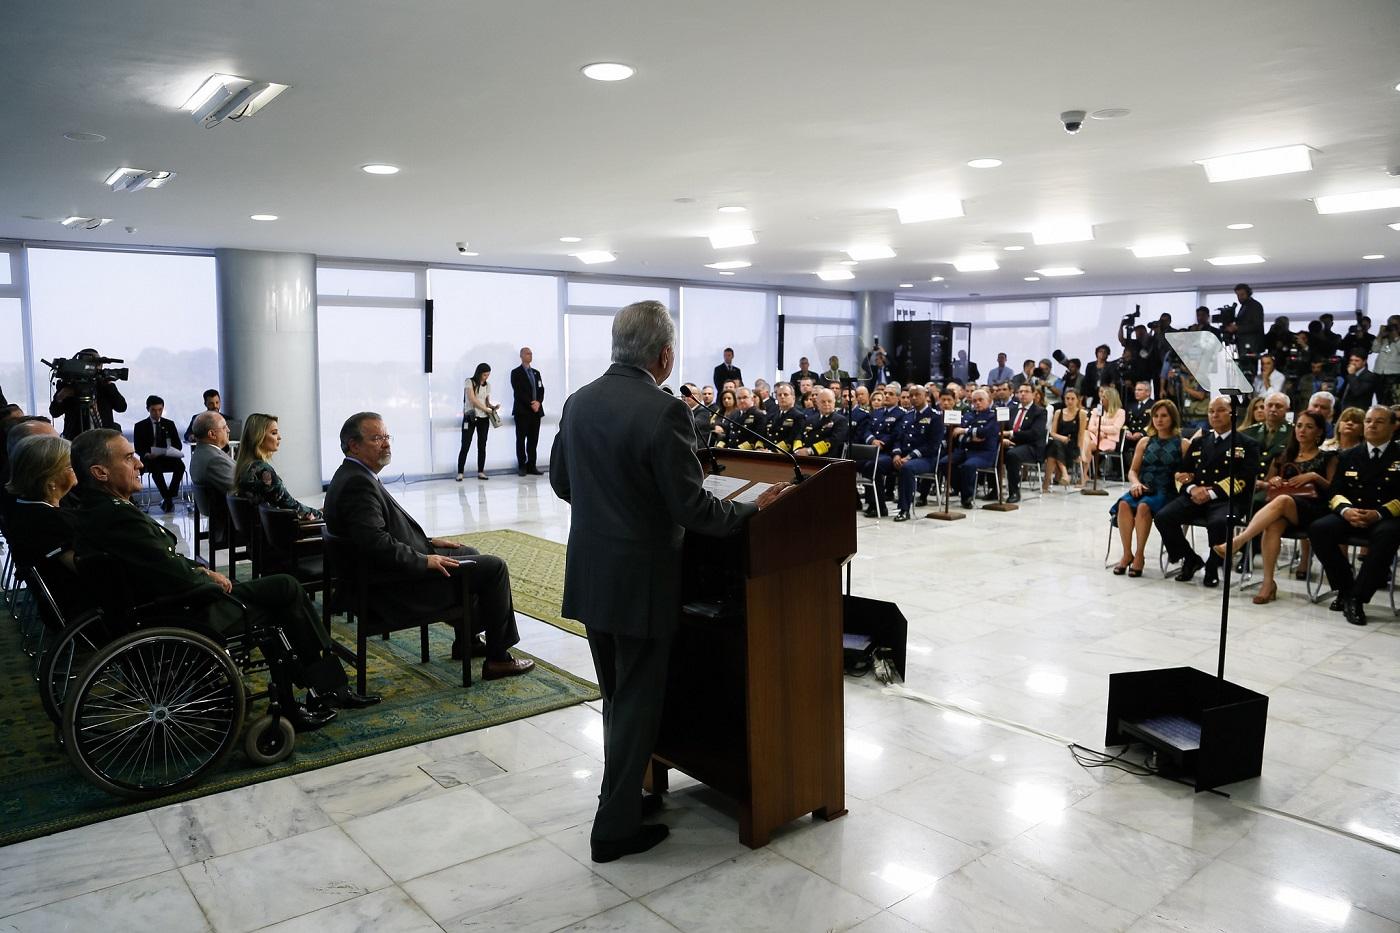 DinheiramaNews: General fala em intervenção militar